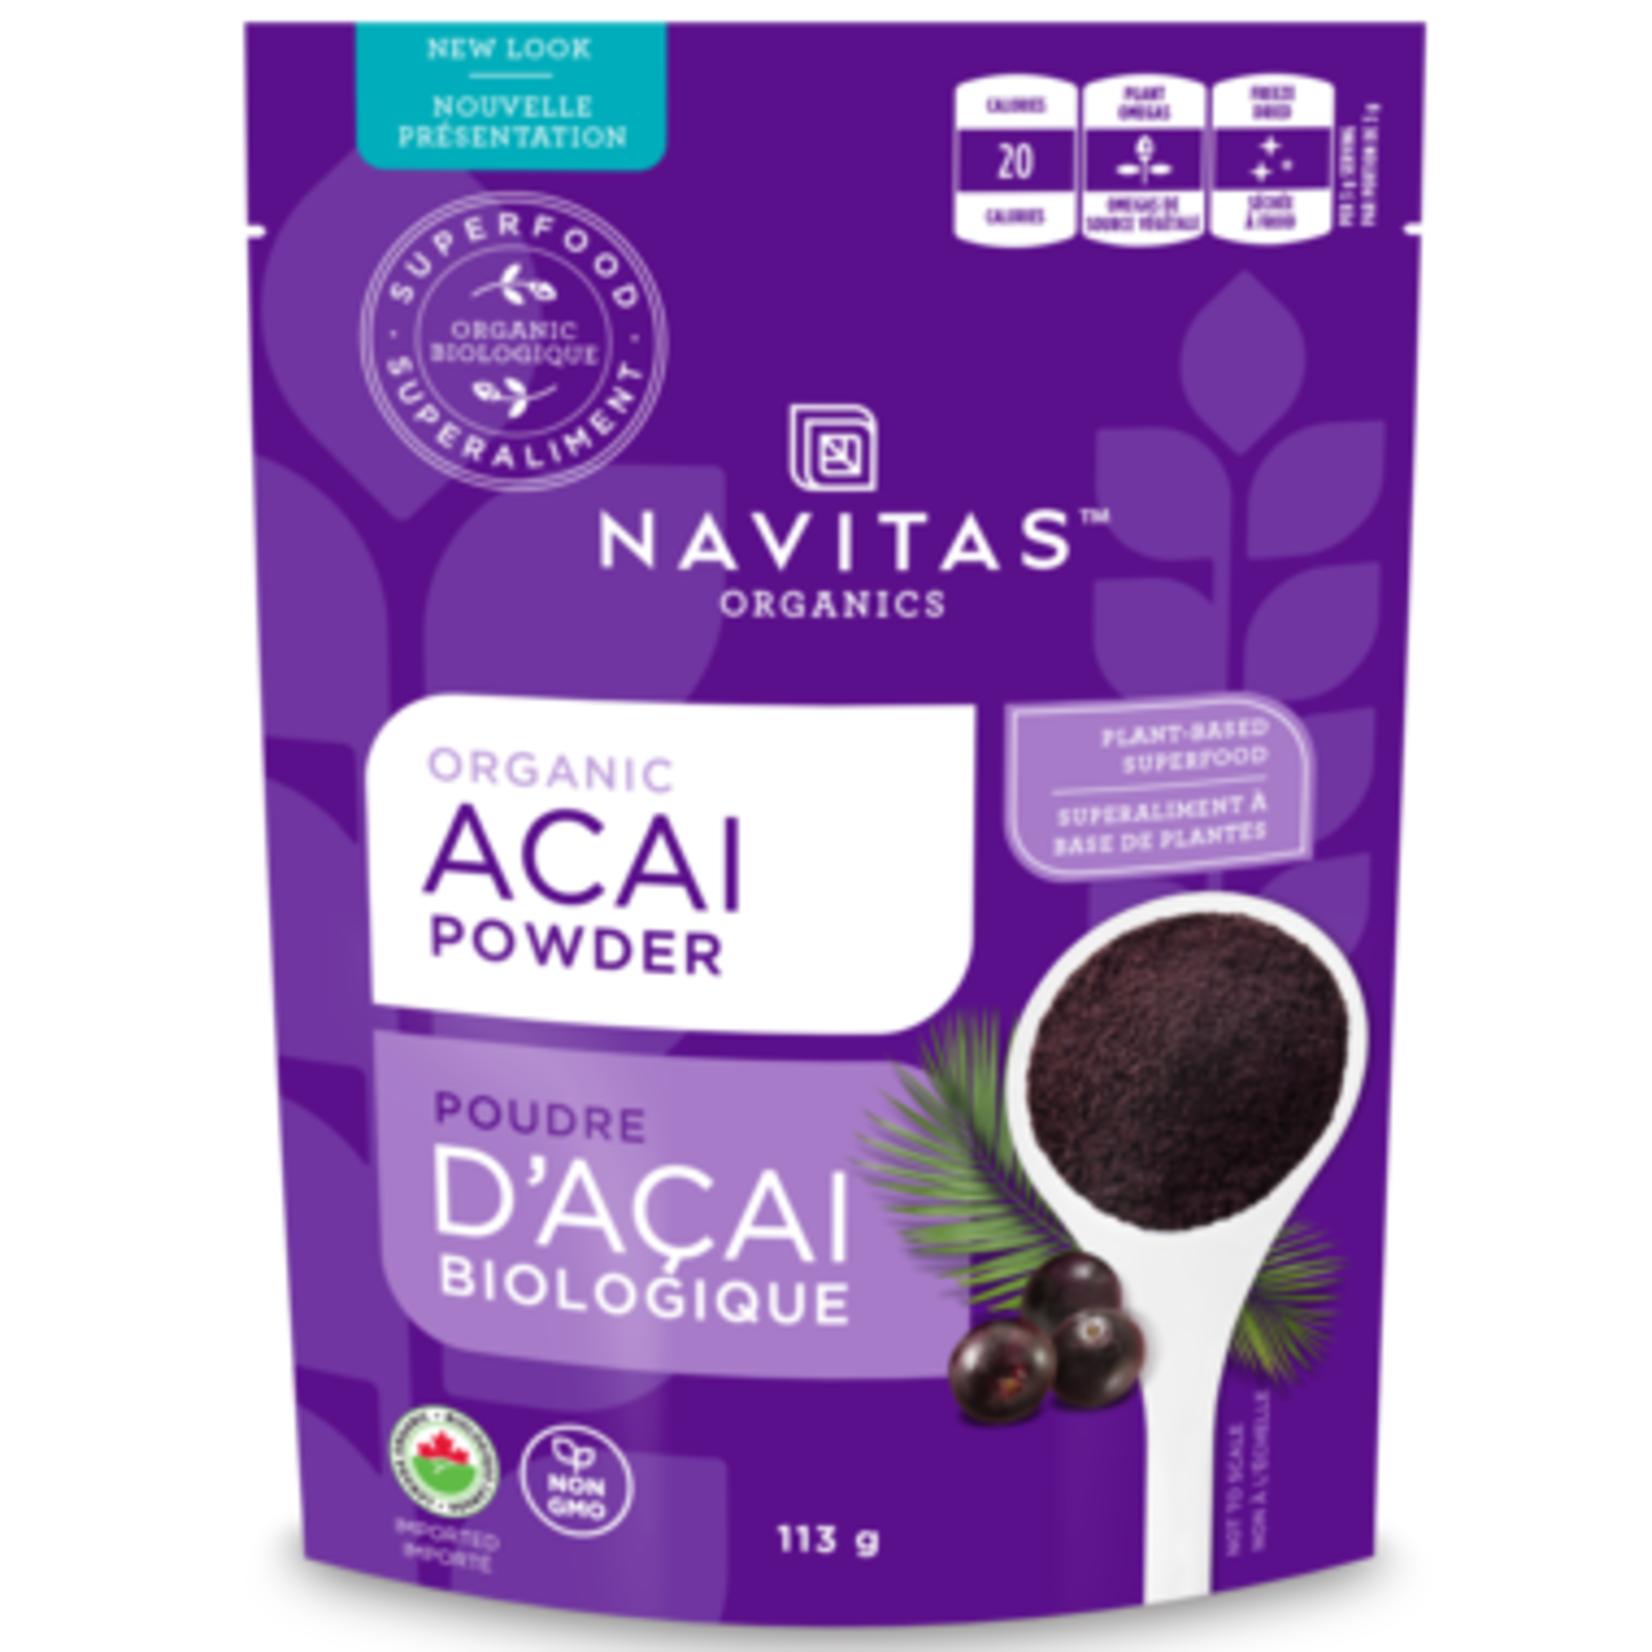 Navitas Navitas Organic Açai Powder 113g